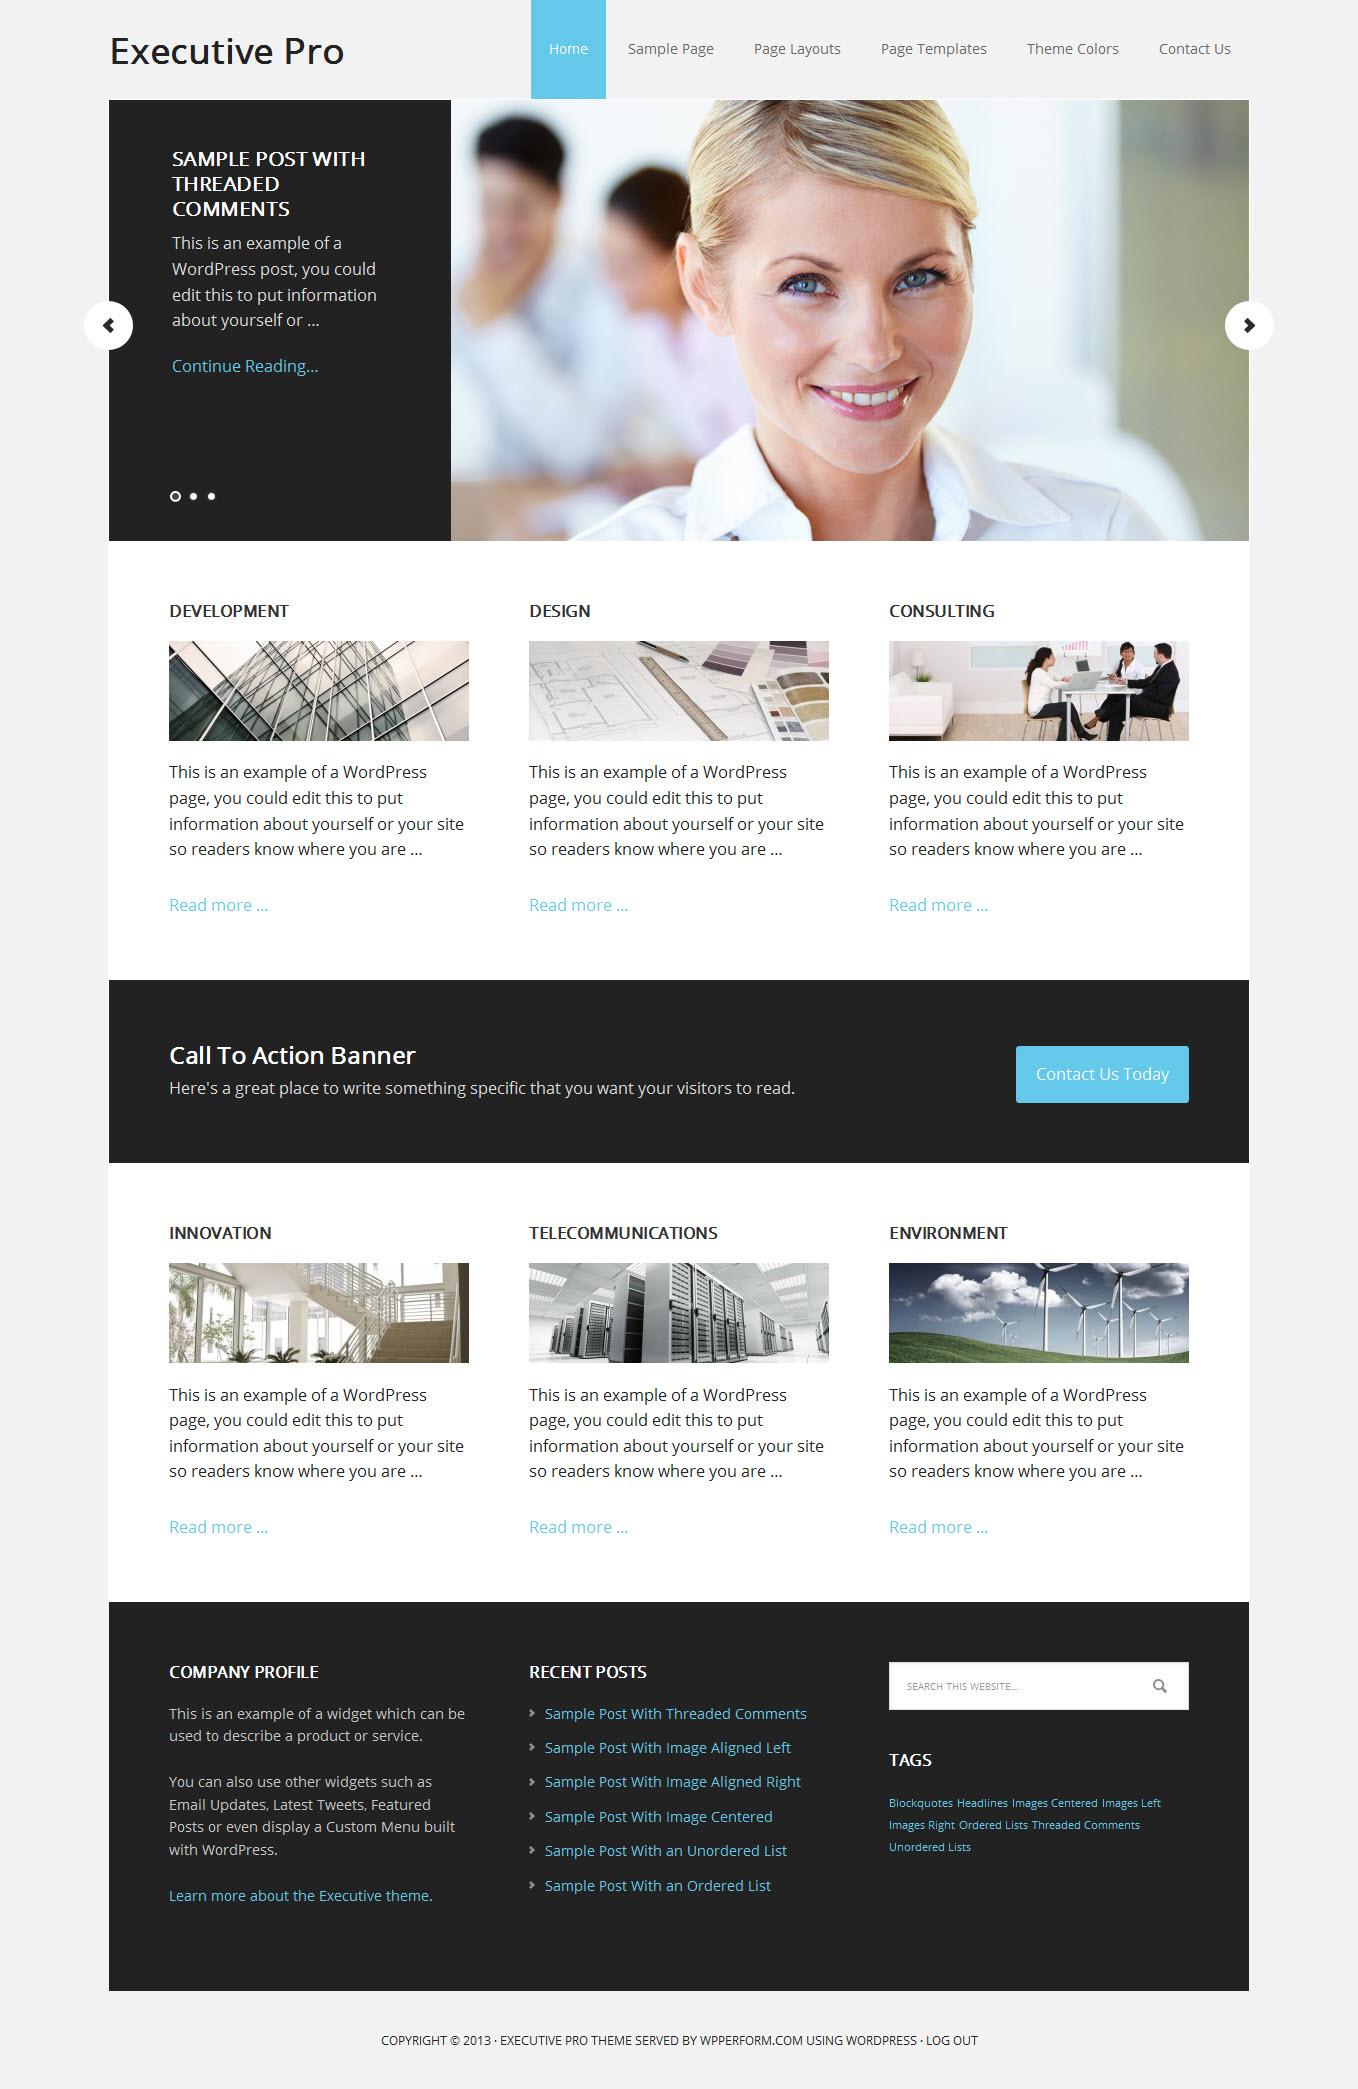 用WordPress创建企业网站, 公司网站, 或外贸网站主题